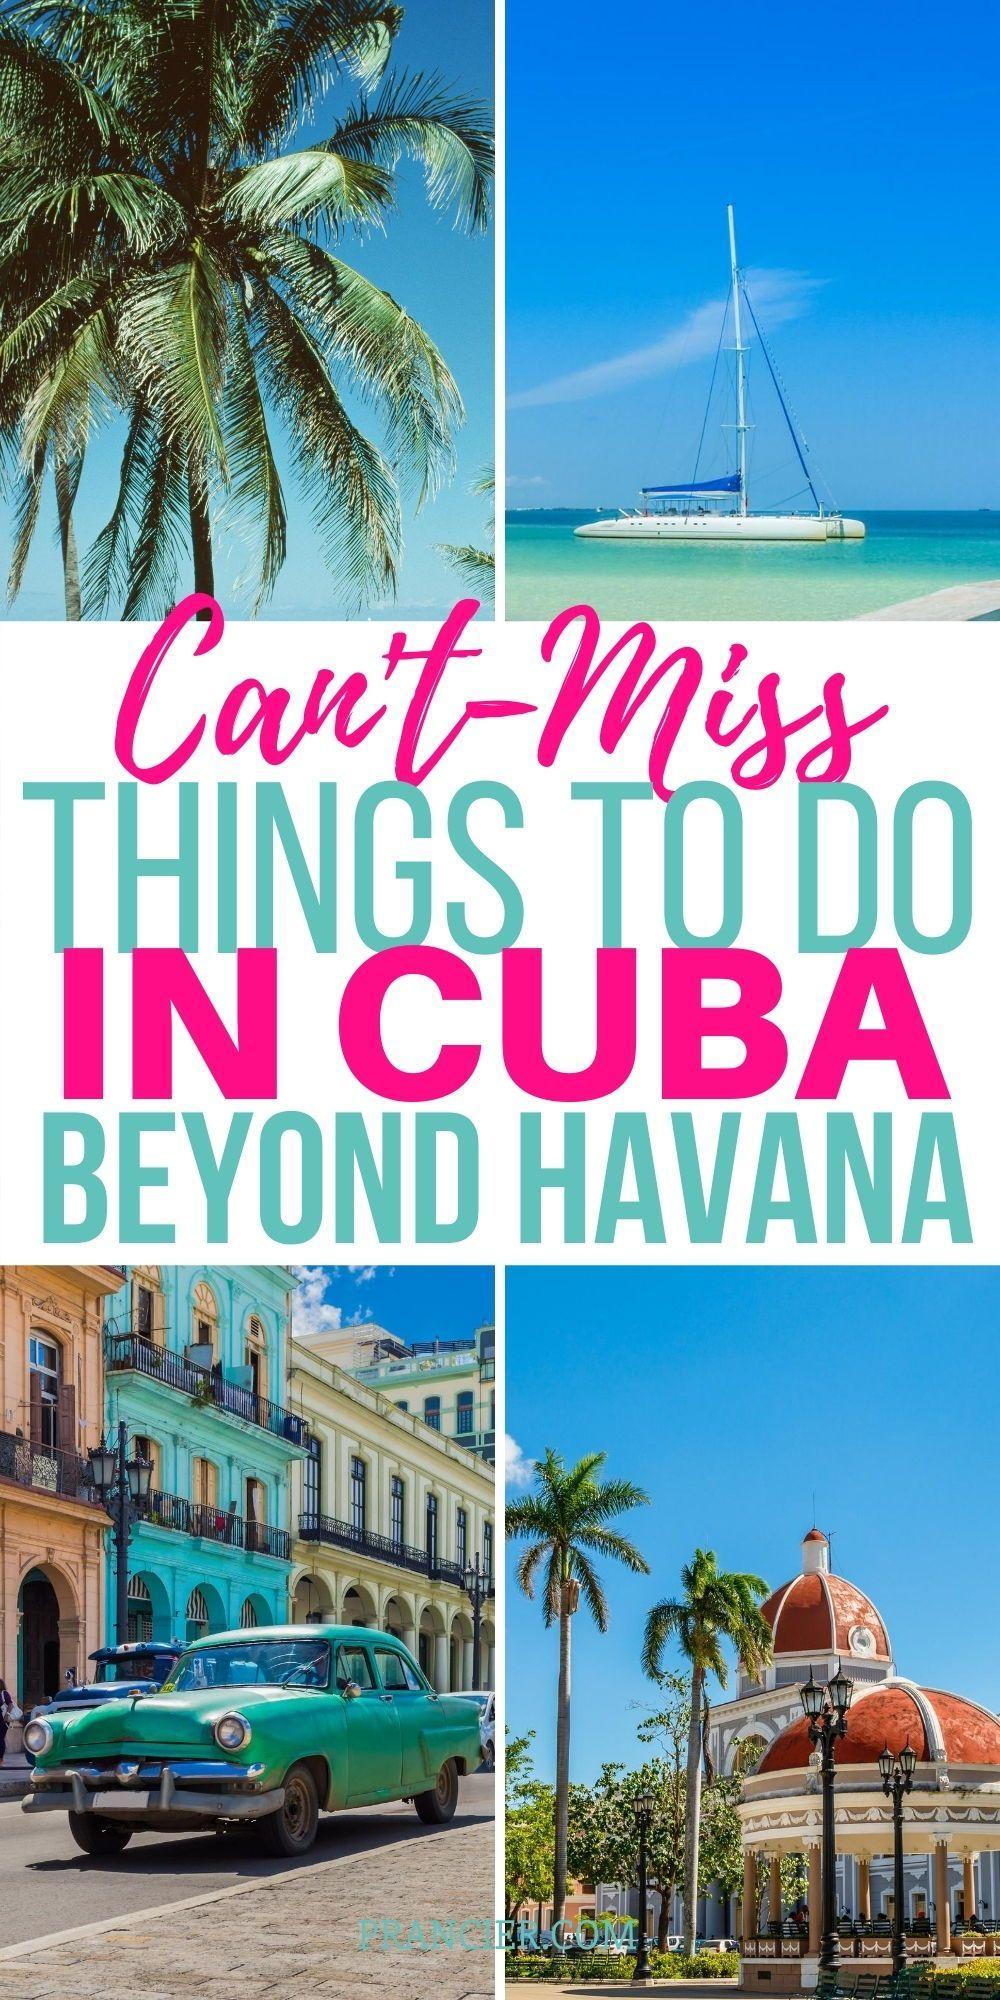 Pinar del Rio Cuba: What to do in Vinales, Cayo Jutias